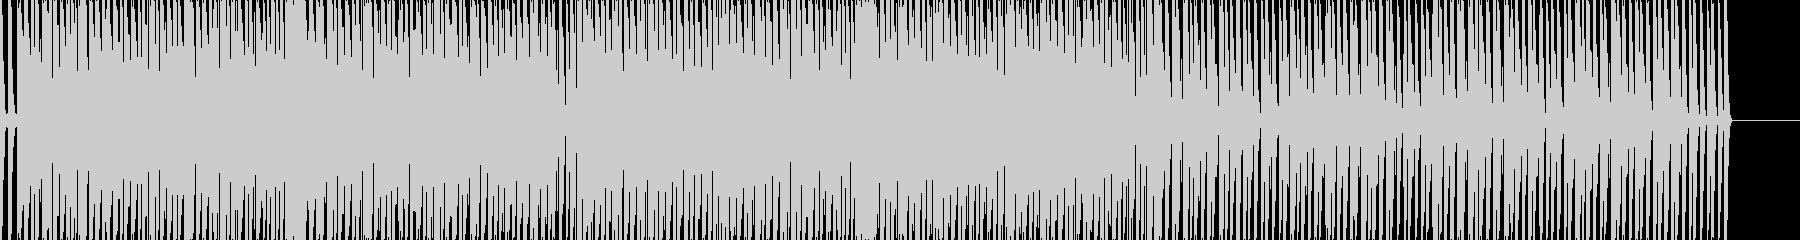 疾走感のあるEDM風サウンドの未再生の波形